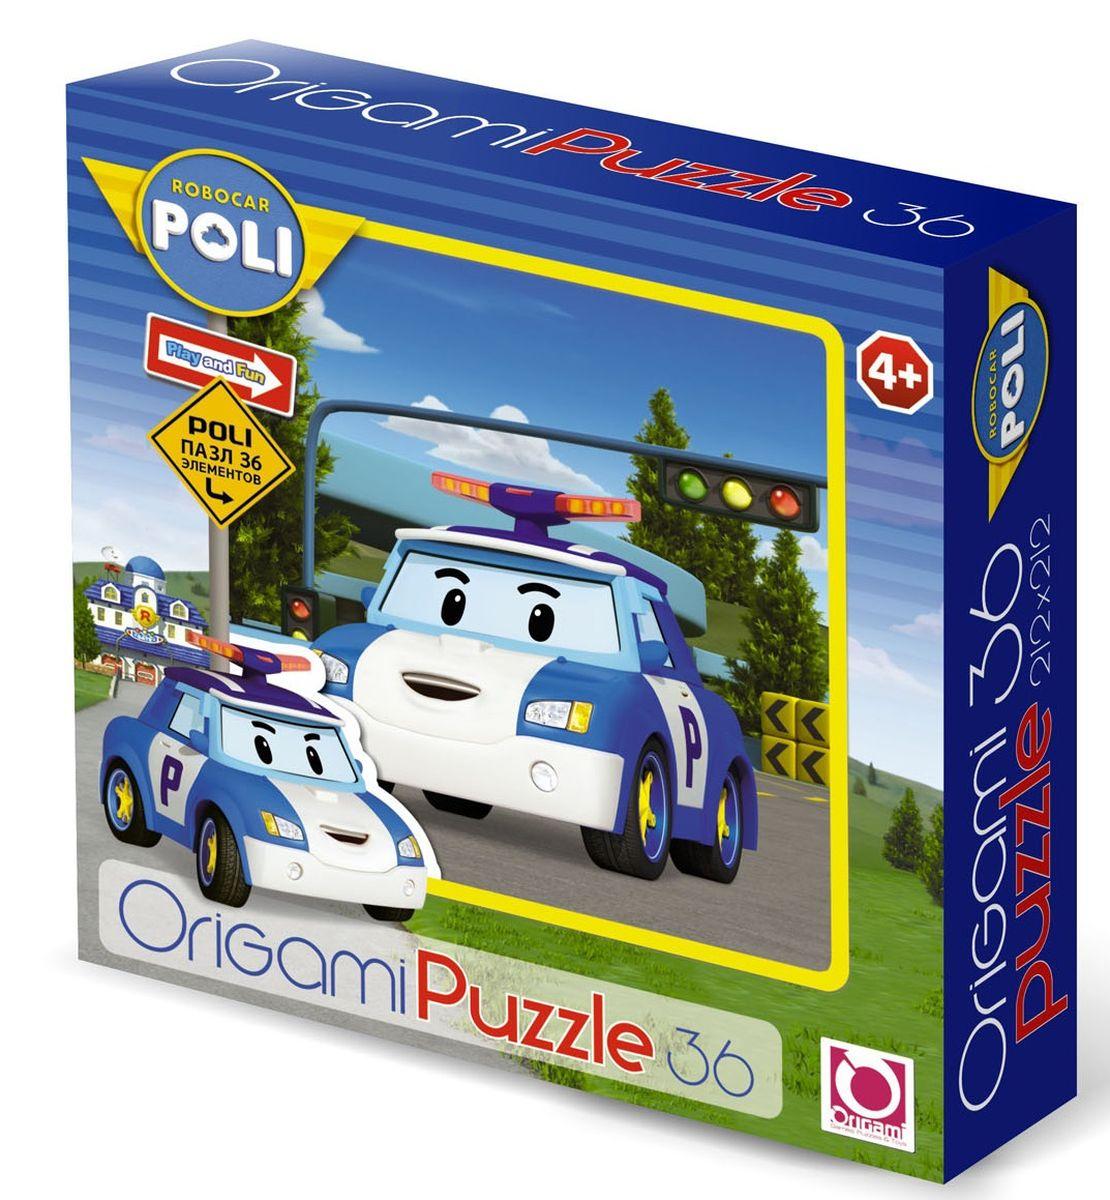 Оригами Пазл для малышей Robocar Poli 00166 пазл 3d 216 элементов оригами эйфелева башня